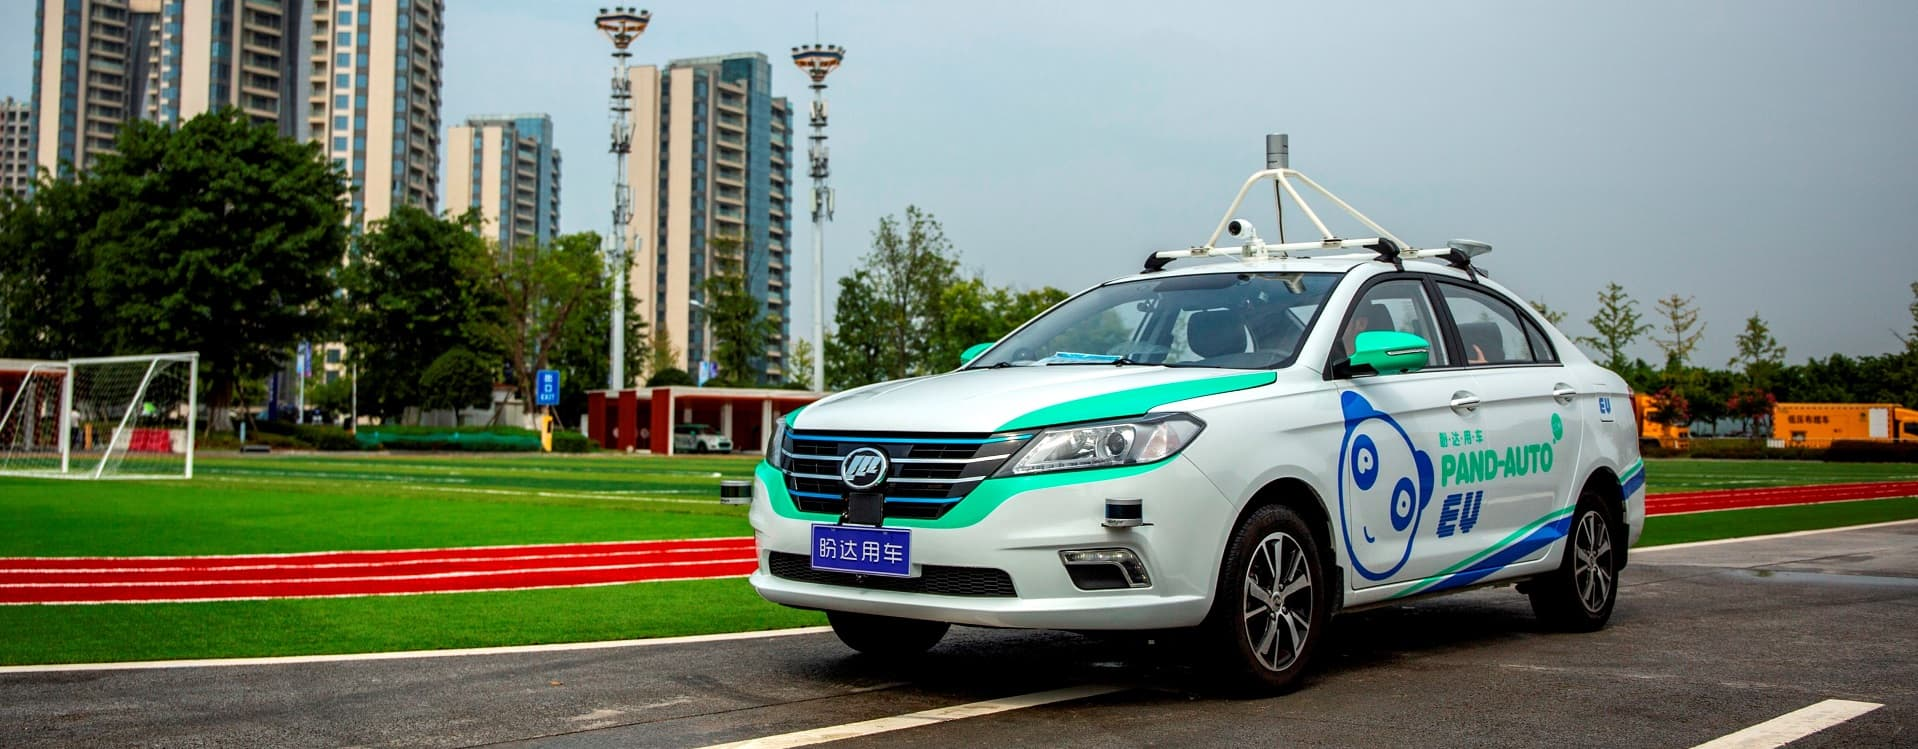 LIFAN первым в Китае запускает тестирование автопилота на базе 5G